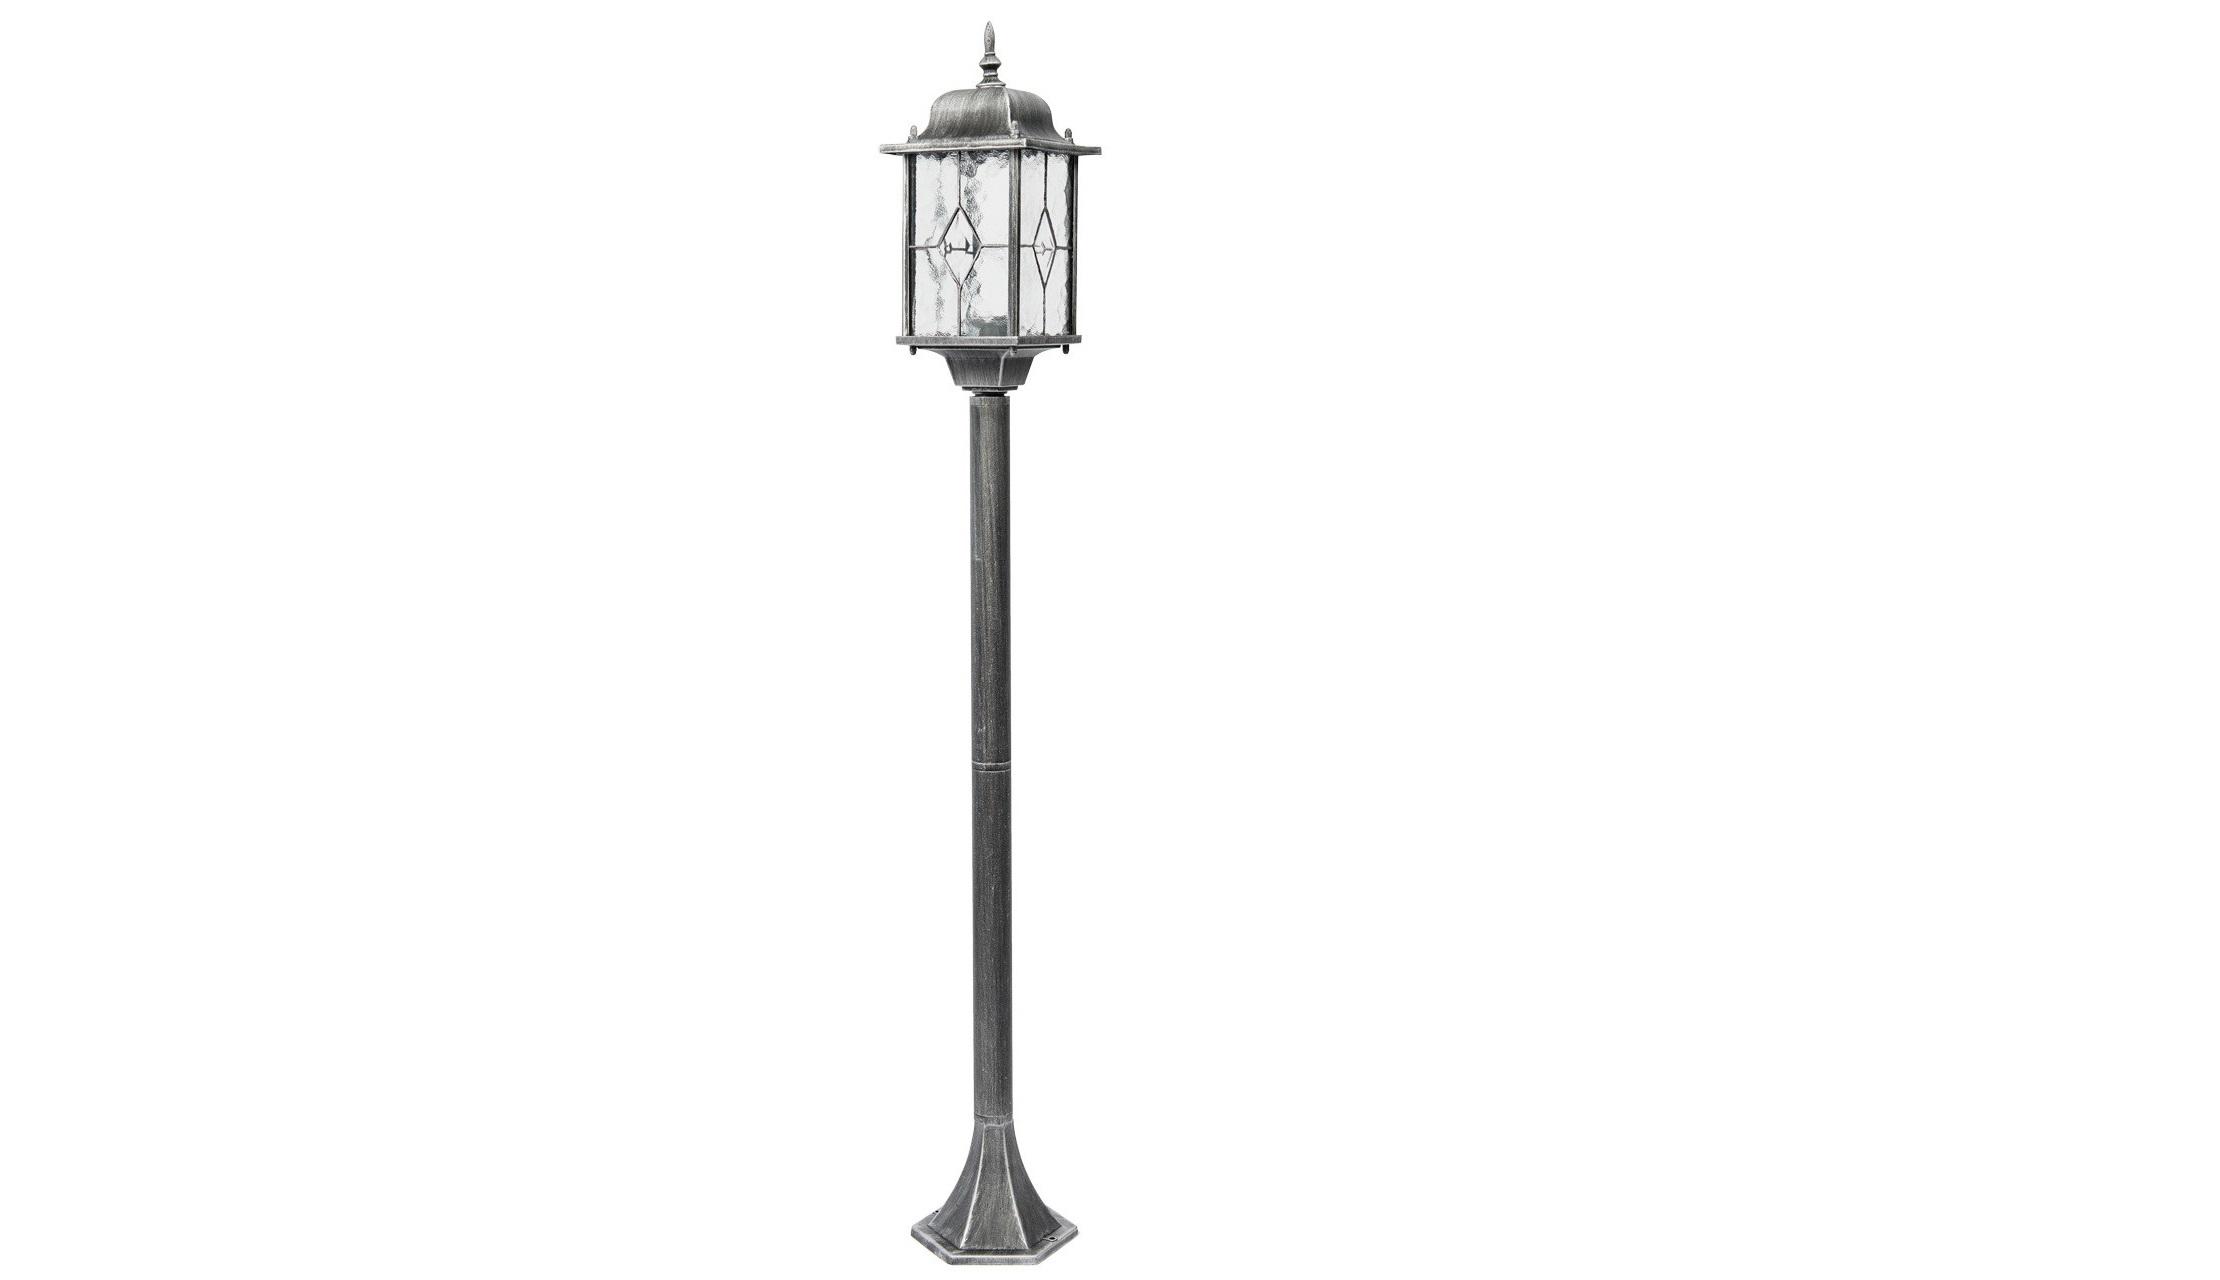 Уличный светильник БургосУличные наземные светильники<br>&amp;lt;div&amp;gt;Оригинальное витражное стекло в коллекции Бургос красиво преломляет лучи света, тем самым достойно украшая конструкцию светильников. Контуры алюминиевого литого основания чёрного цвета декорированы модной серебряной патиной. Благодаря лёгкости металлической конструкции и интересному дизайну, светильник отлично впишется в экстерьер любого природного ландшафта.&amp;lt;/div&amp;gt;&amp;lt;div&amp;gt;Основание из литого алюминия черного цвета, декорированное серебряной патиной, плафоны &amp;amp;nbsp;- витражное стекло&amp;lt;/div&amp;gt;&amp;lt;div&amp;gt;&amp;lt;br&amp;gt;&amp;lt;/div&amp;gt;&amp;lt;div&amp;gt;Мощность 1*95W&amp;lt;/div&amp;gt;&amp;lt;div&amp;gt;Цоколь E27&amp;lt;/div&amp;gt;&amp;lt;div&amp;gt;Степень защиты от влаги и пыли &amp;amp;nbsp;IP44&amp;lt;/div&amp;gt;<br><br>Material: Алюминий<br>Length см: None<br>Width см: 16<br>Depth см: 16<br>Height см: 122